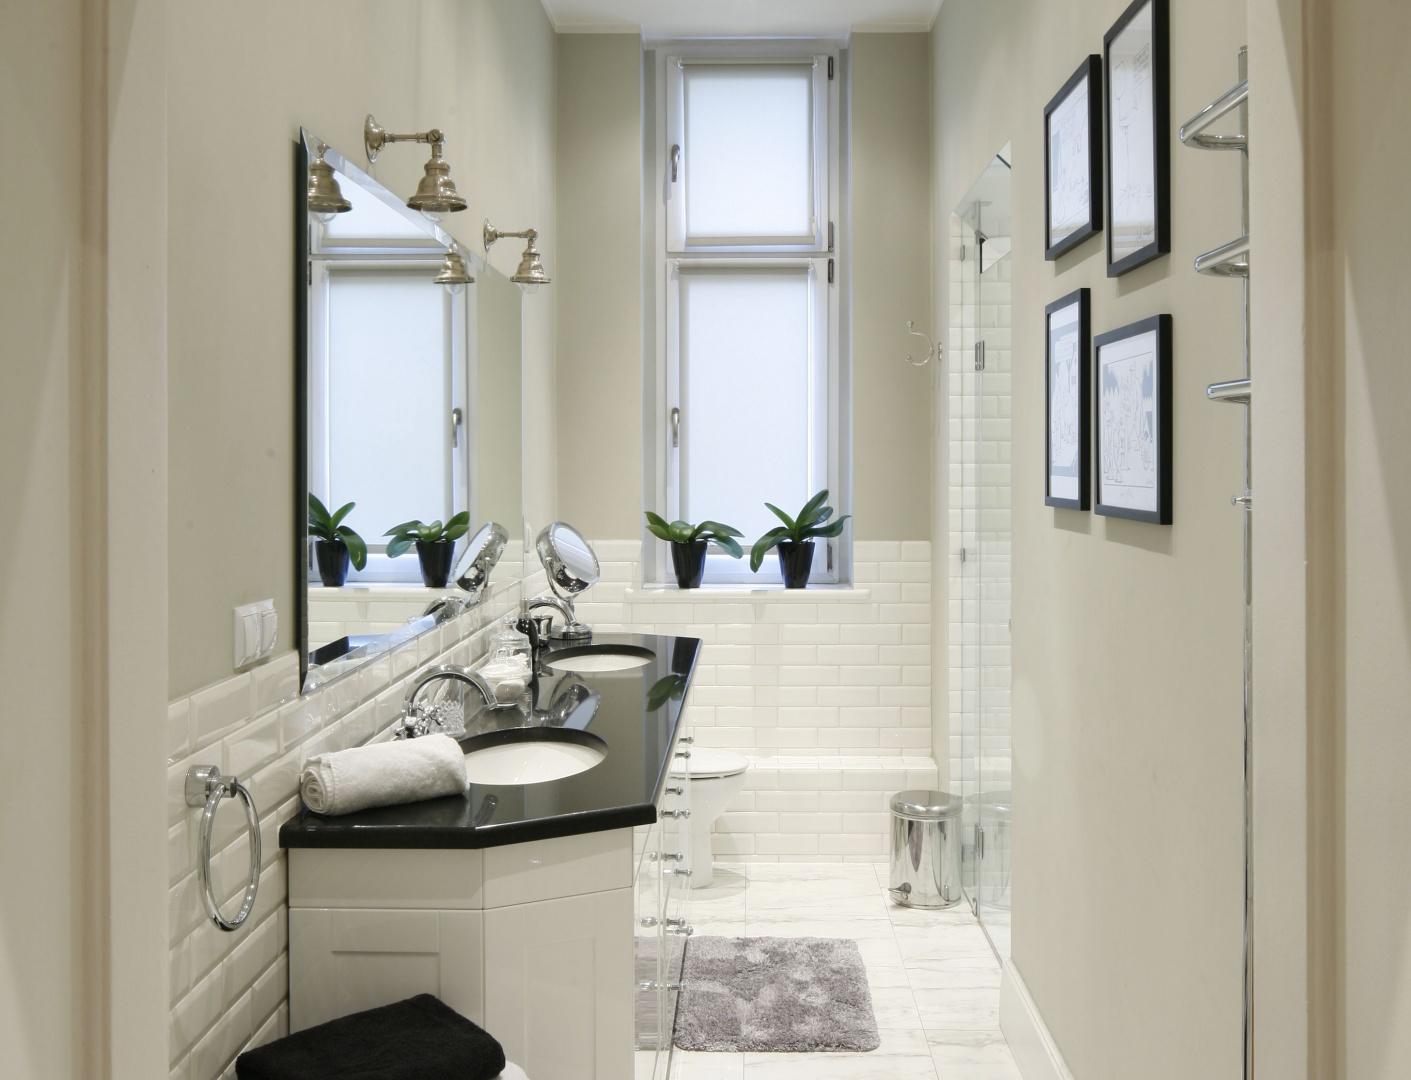 Wąska łazienka została urządzona stylowo i elegancko. Zastosowanie bieli oraz kafli o formacie cegiełek optycznie powiększyło wnętrze. Prysznic umieszczono we wnęce, a duże lustro dodatkowo dodaje wizualnej przestrzeni. Projekt: Iwona Kurkowska poziom. Fot. Bartosz Jarosz.